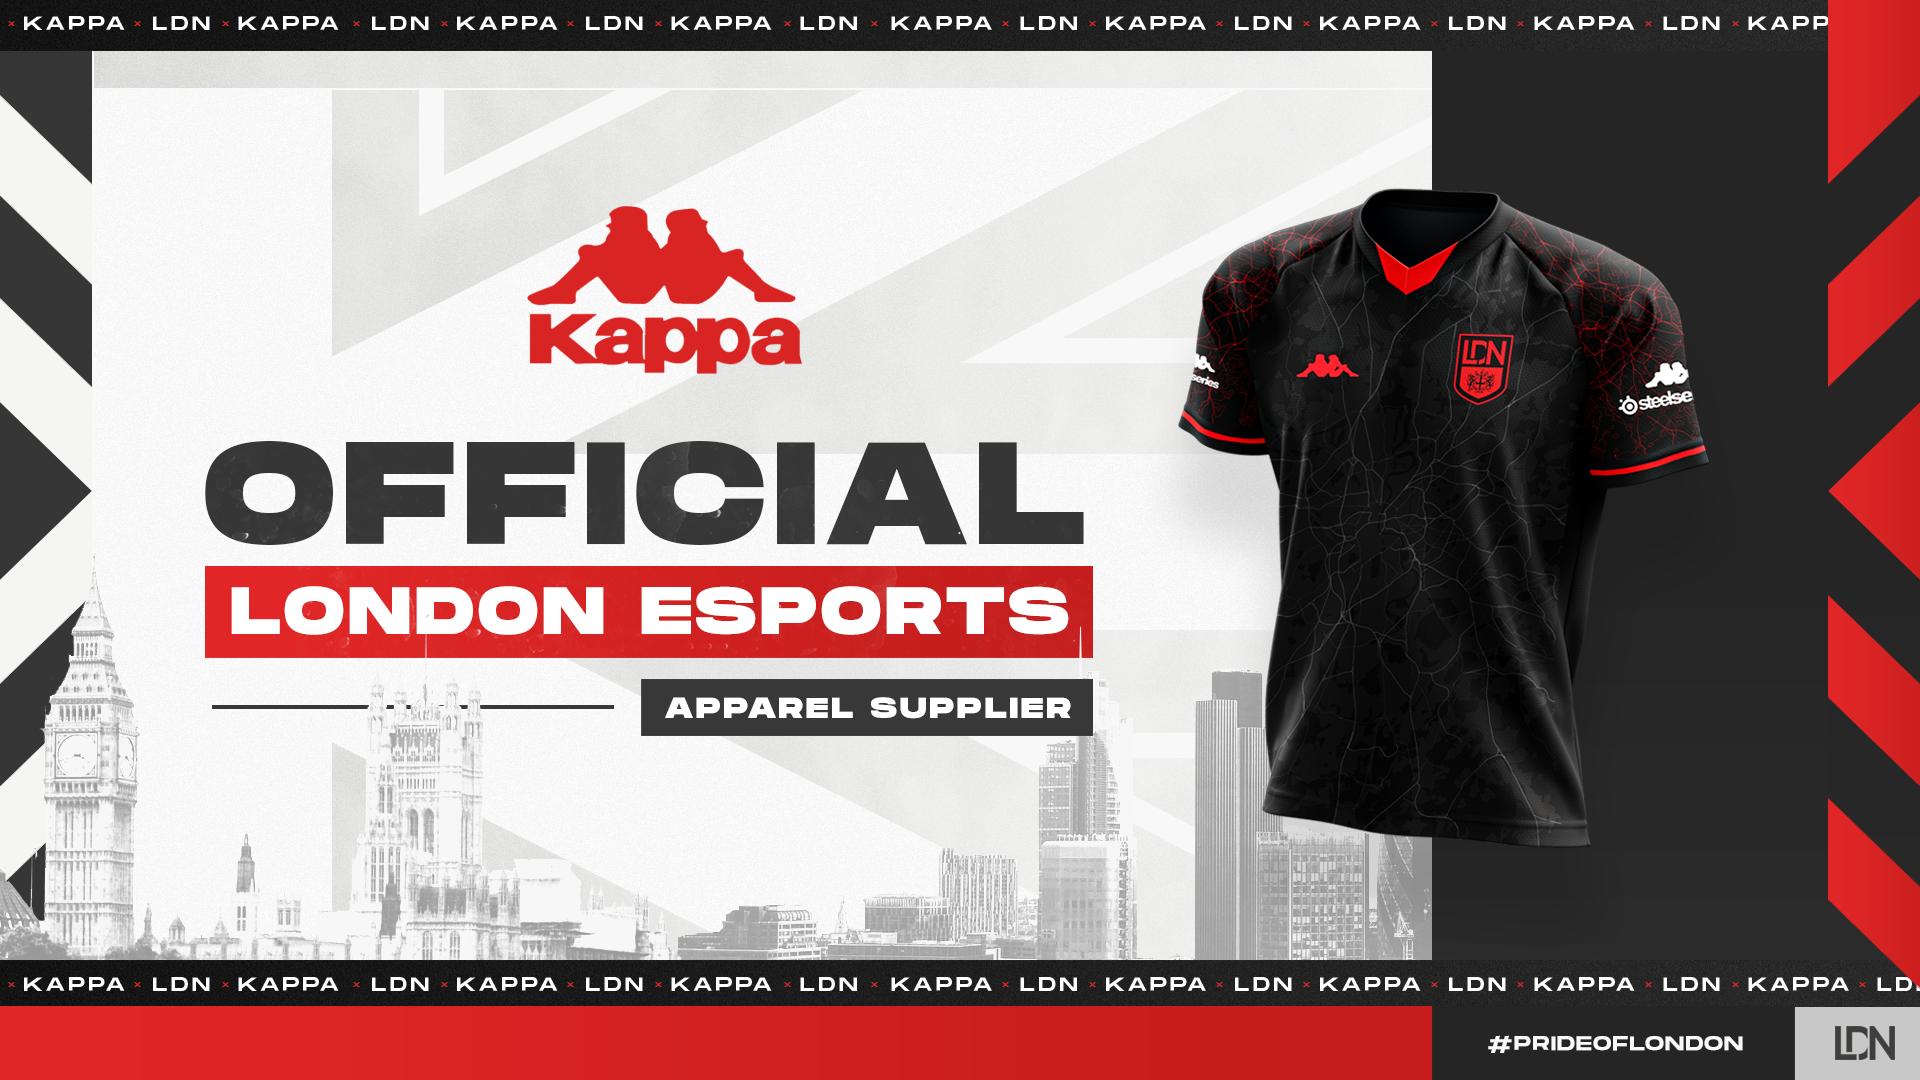 London Esports x Kappa